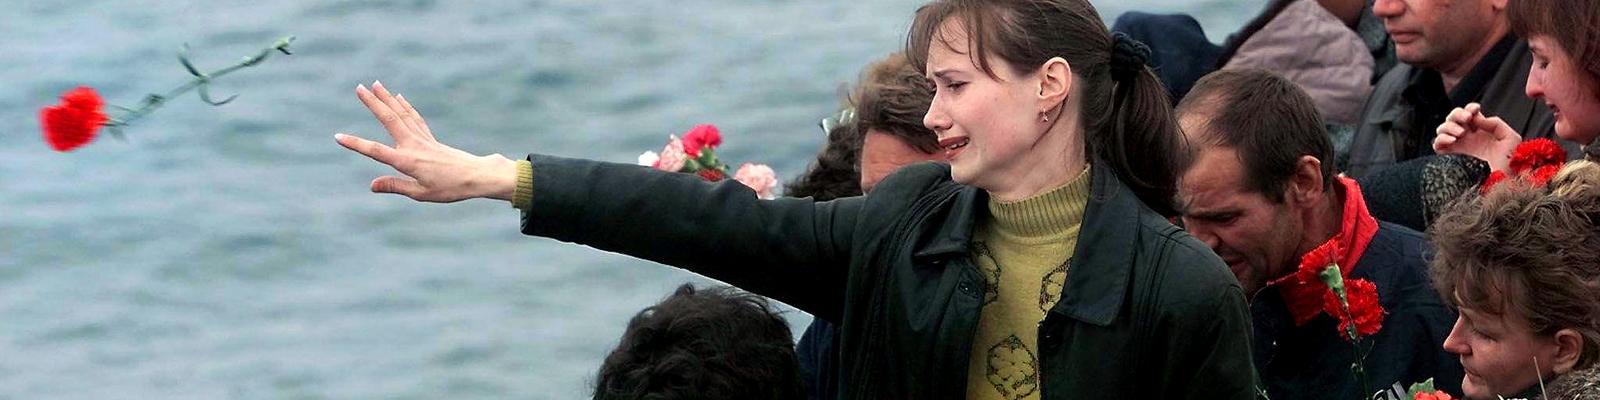 Angehörige nehmen Abschied von den 118 Seeleuten, die in dem russischen Atom-U-Boot Kursk 2000 ums Leben kamen.